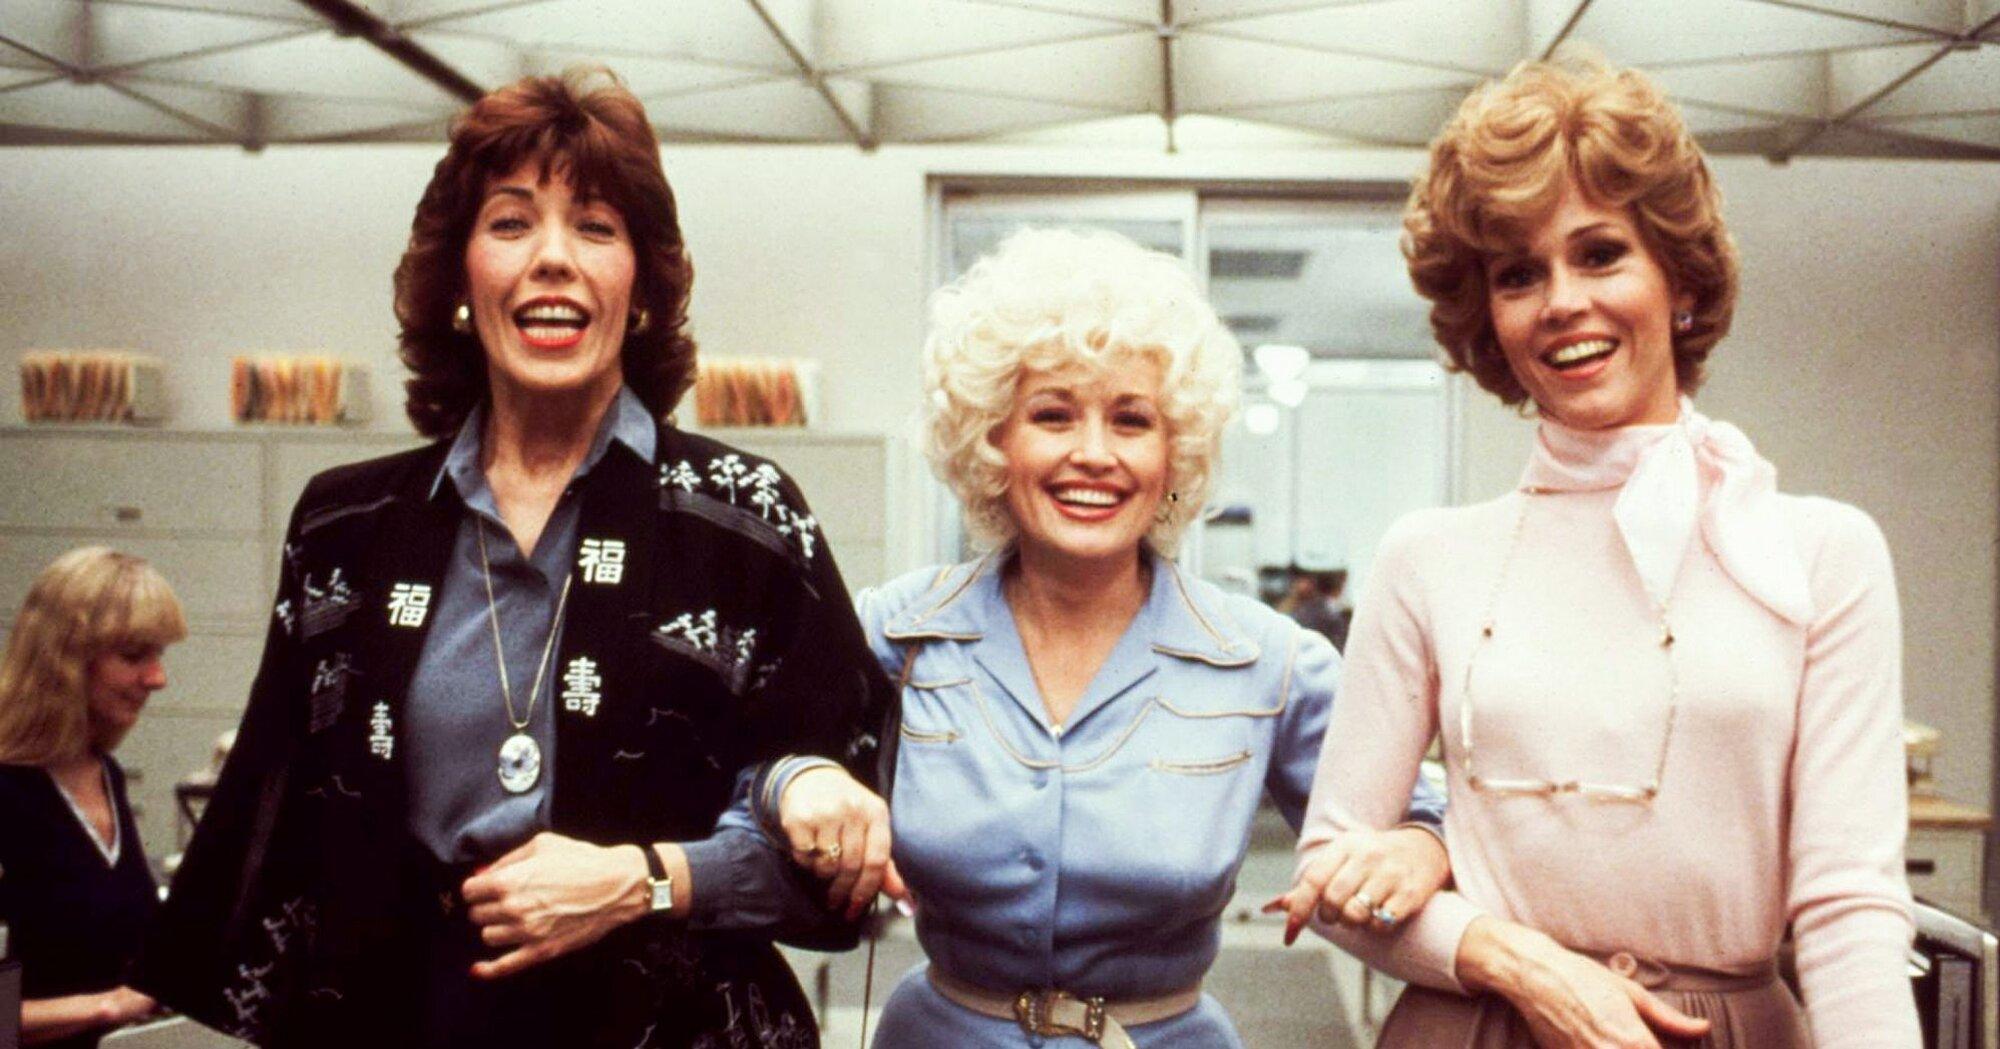 Dolly Parton shares new 9 to 5 sequel details | EW.com